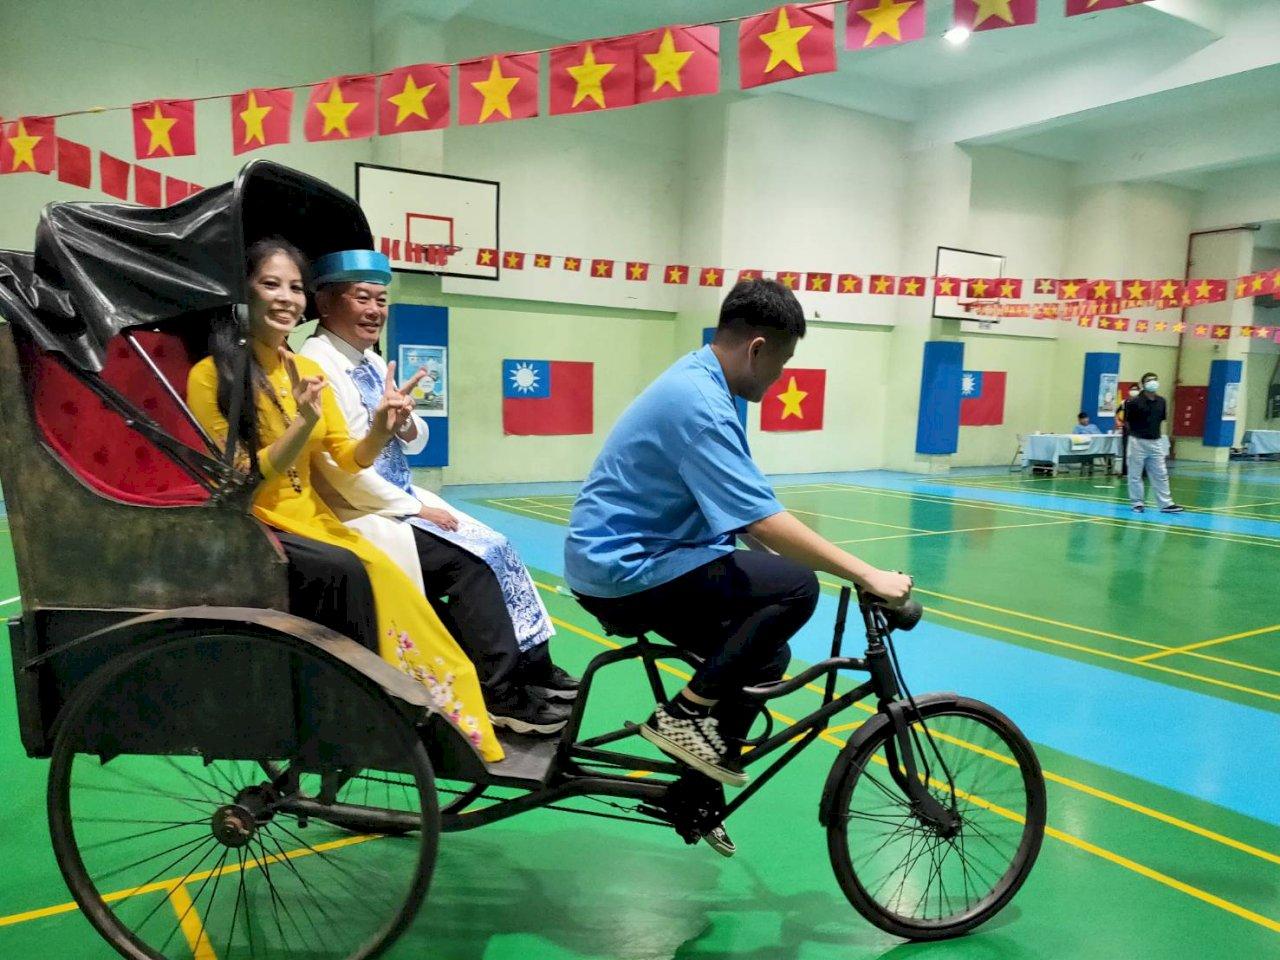 參與式預算結合新住民文化 高中生提案舉辦越南週